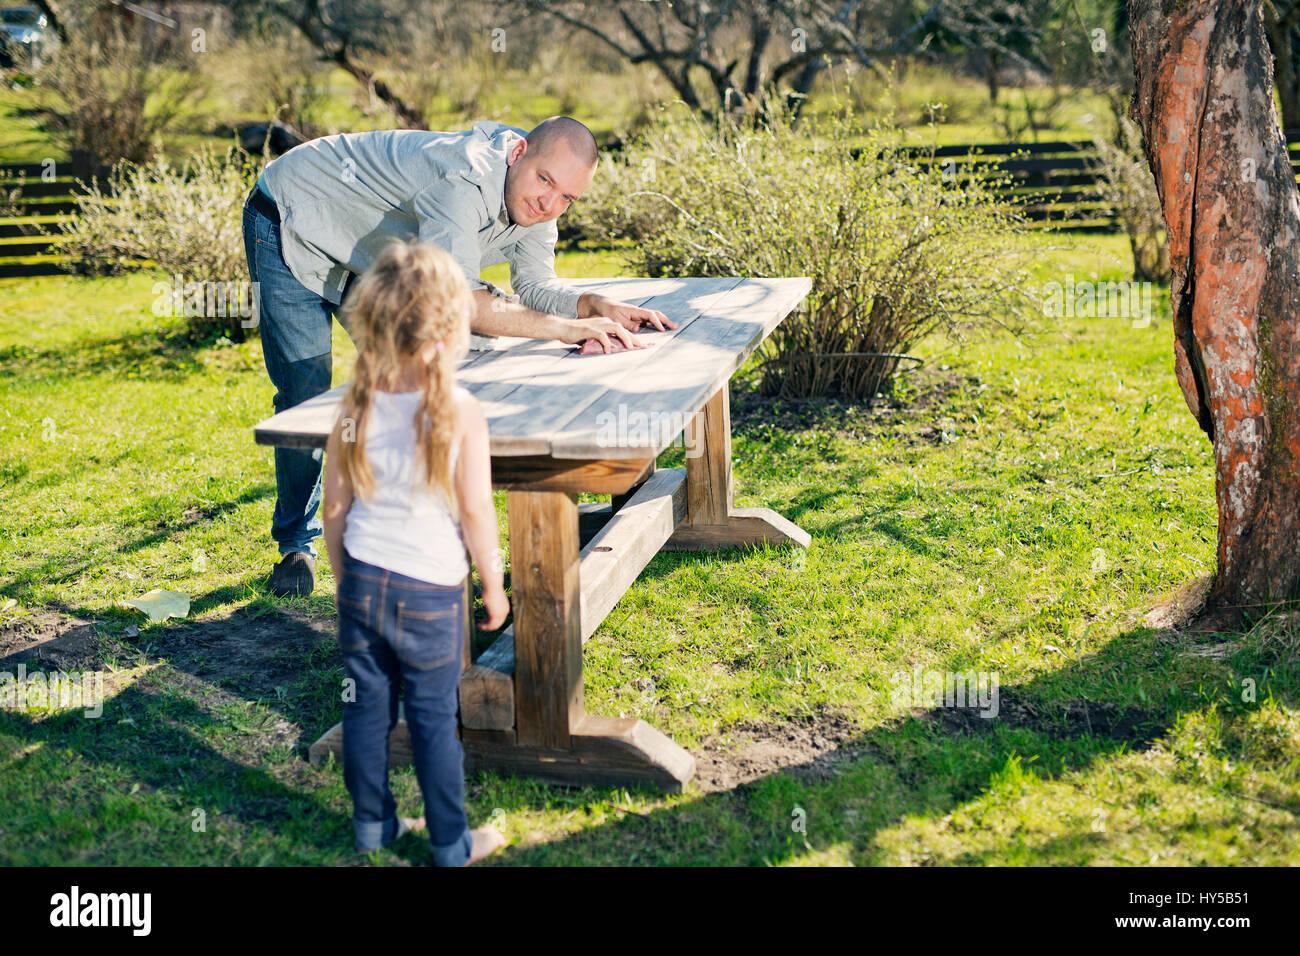 Finnland, paijat-Hame, Heinola, Vater mit Tochter (4-5) polieren Holztisch in Garten Stockbild